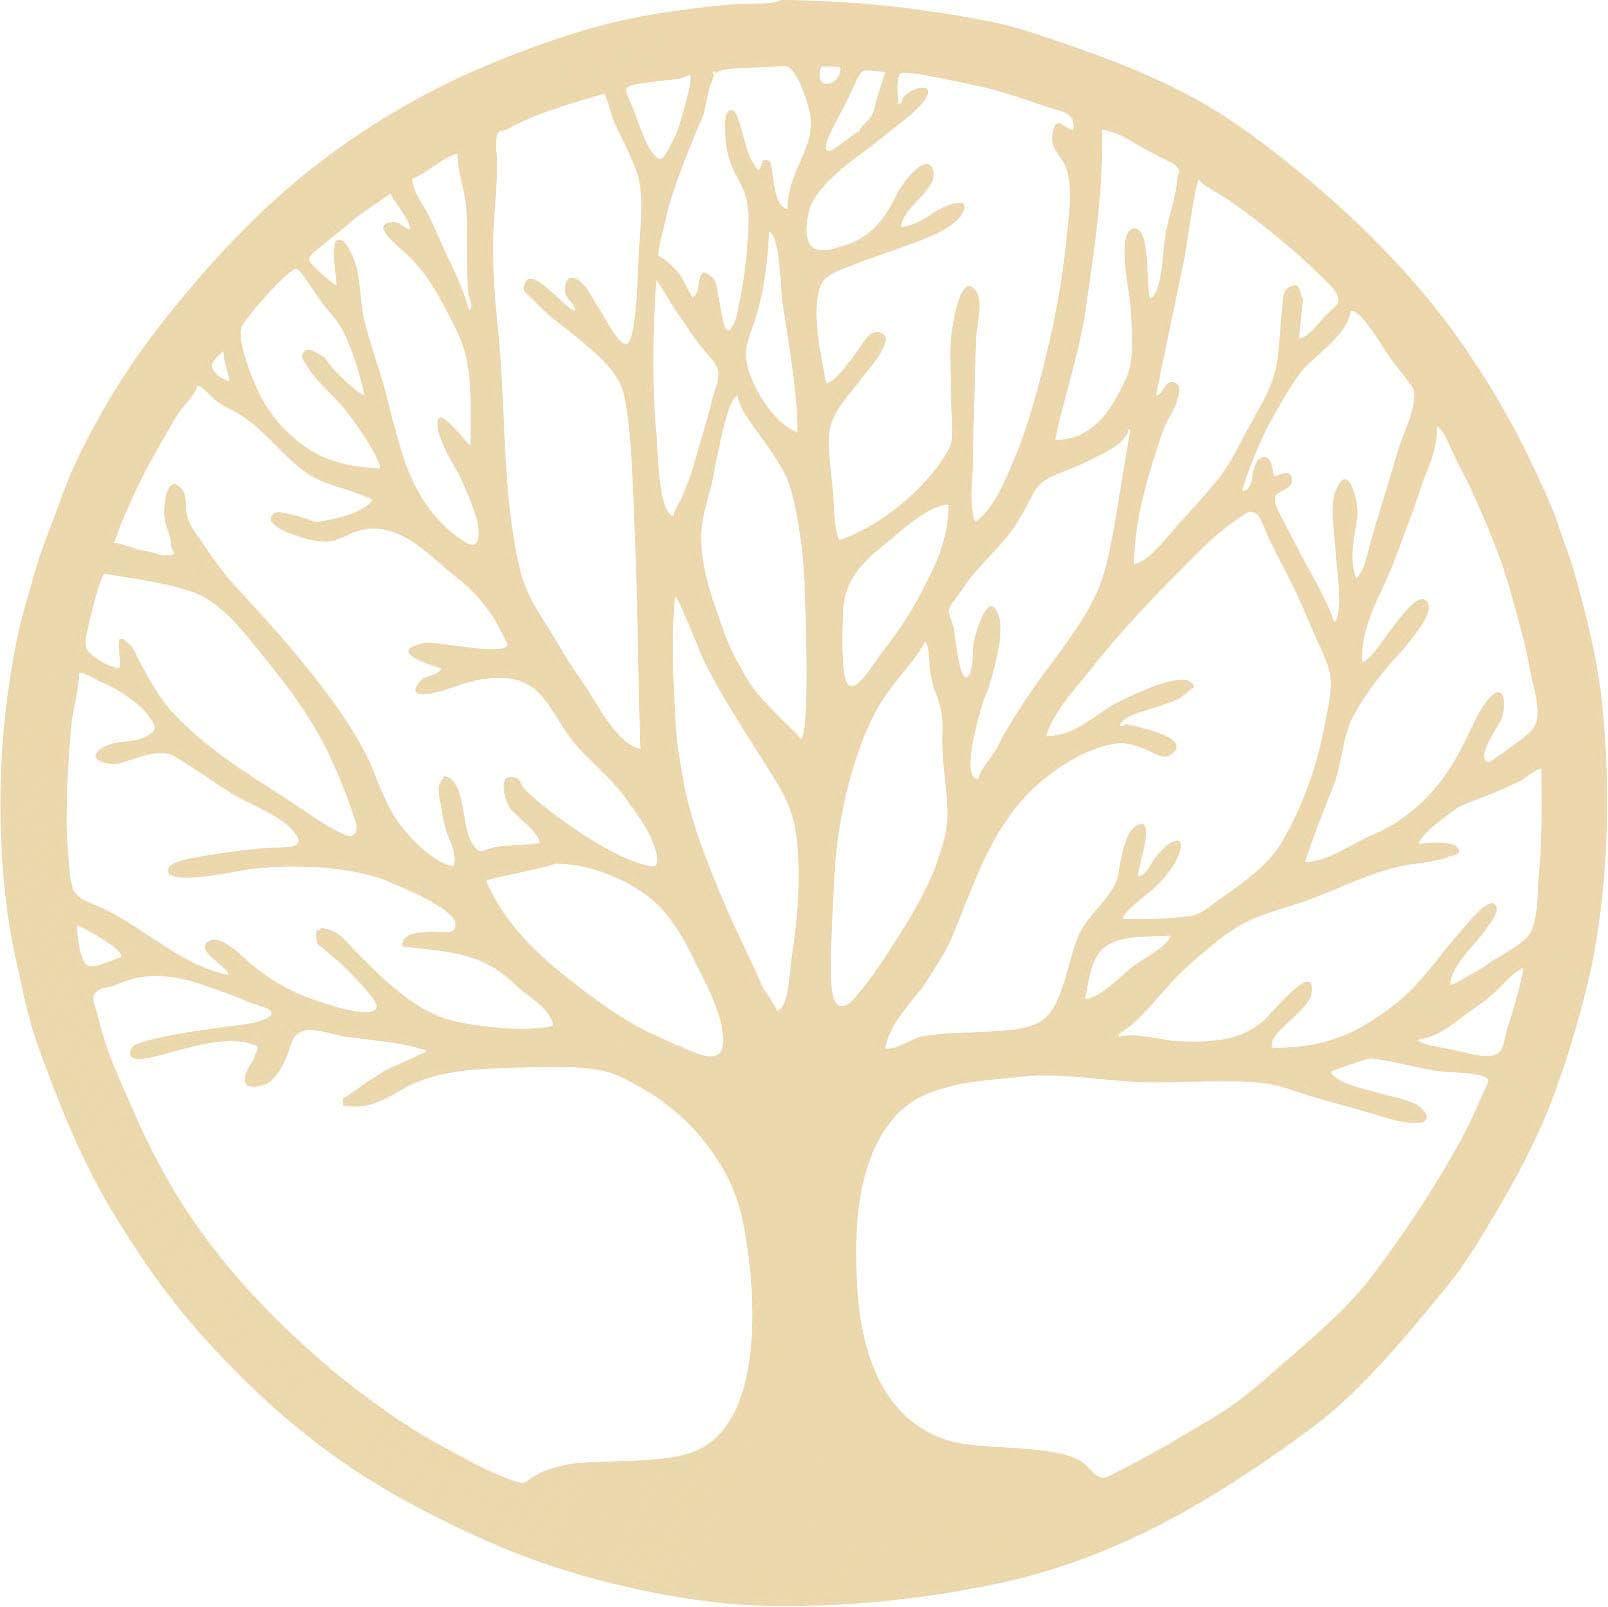 Wanddekoobjekt Holzdeko Pappel Furnier - Baum des Lebens Wohnen/Accessoires & Leuchten/Wohnaccessoires/Deko/Wanddekoration